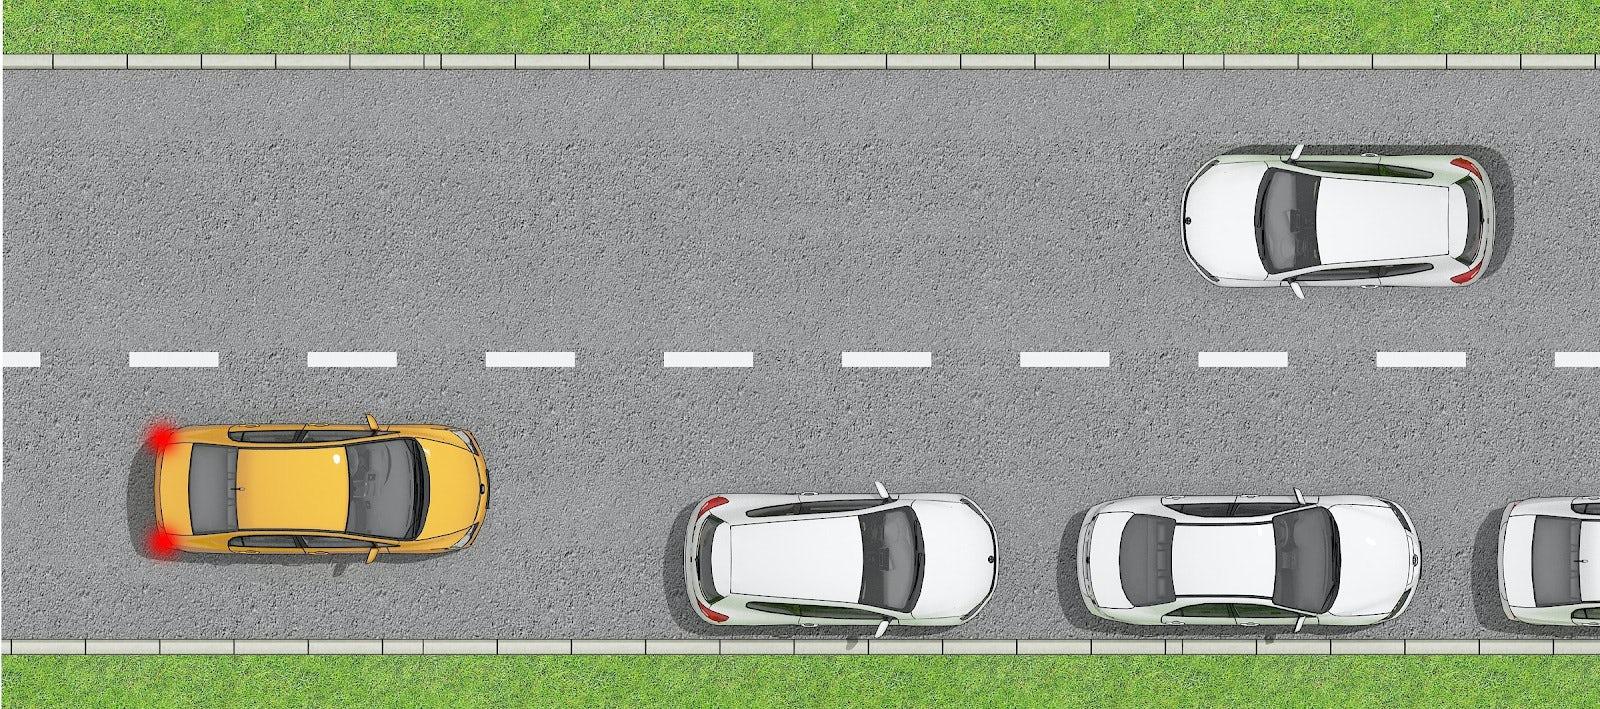 Illustration på bil som måste lämna företräde pga hinder på vägen.